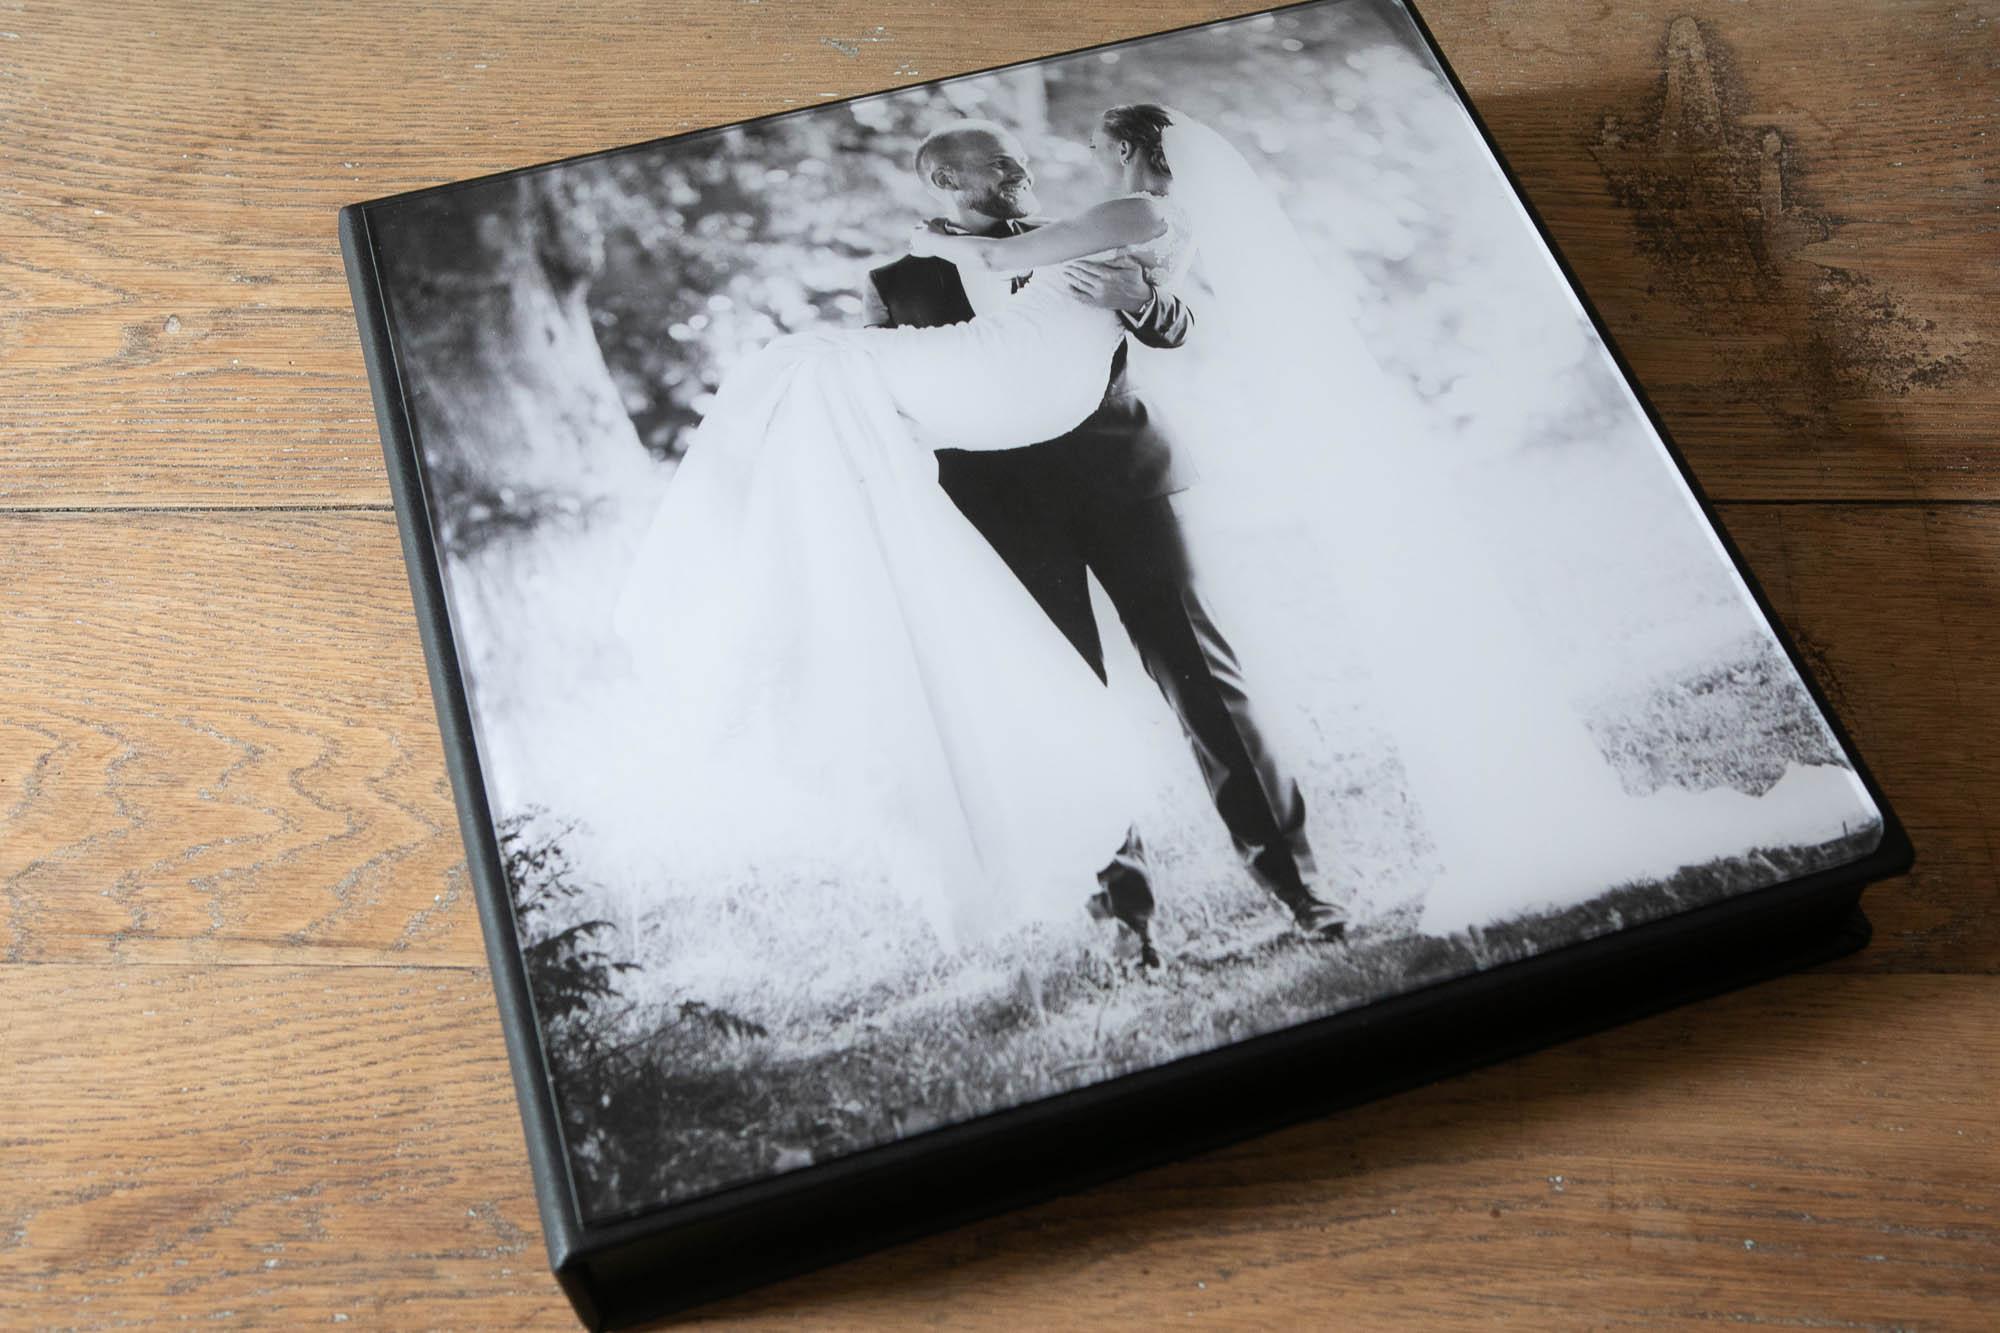 Luksus bryllupsalbum - Stort luksusalbum (30x30 cm, 30 sider) i en eksklusiv præsentationsæske med forsidebillede, der også kan leveres med to mindre identiske forældrealbum